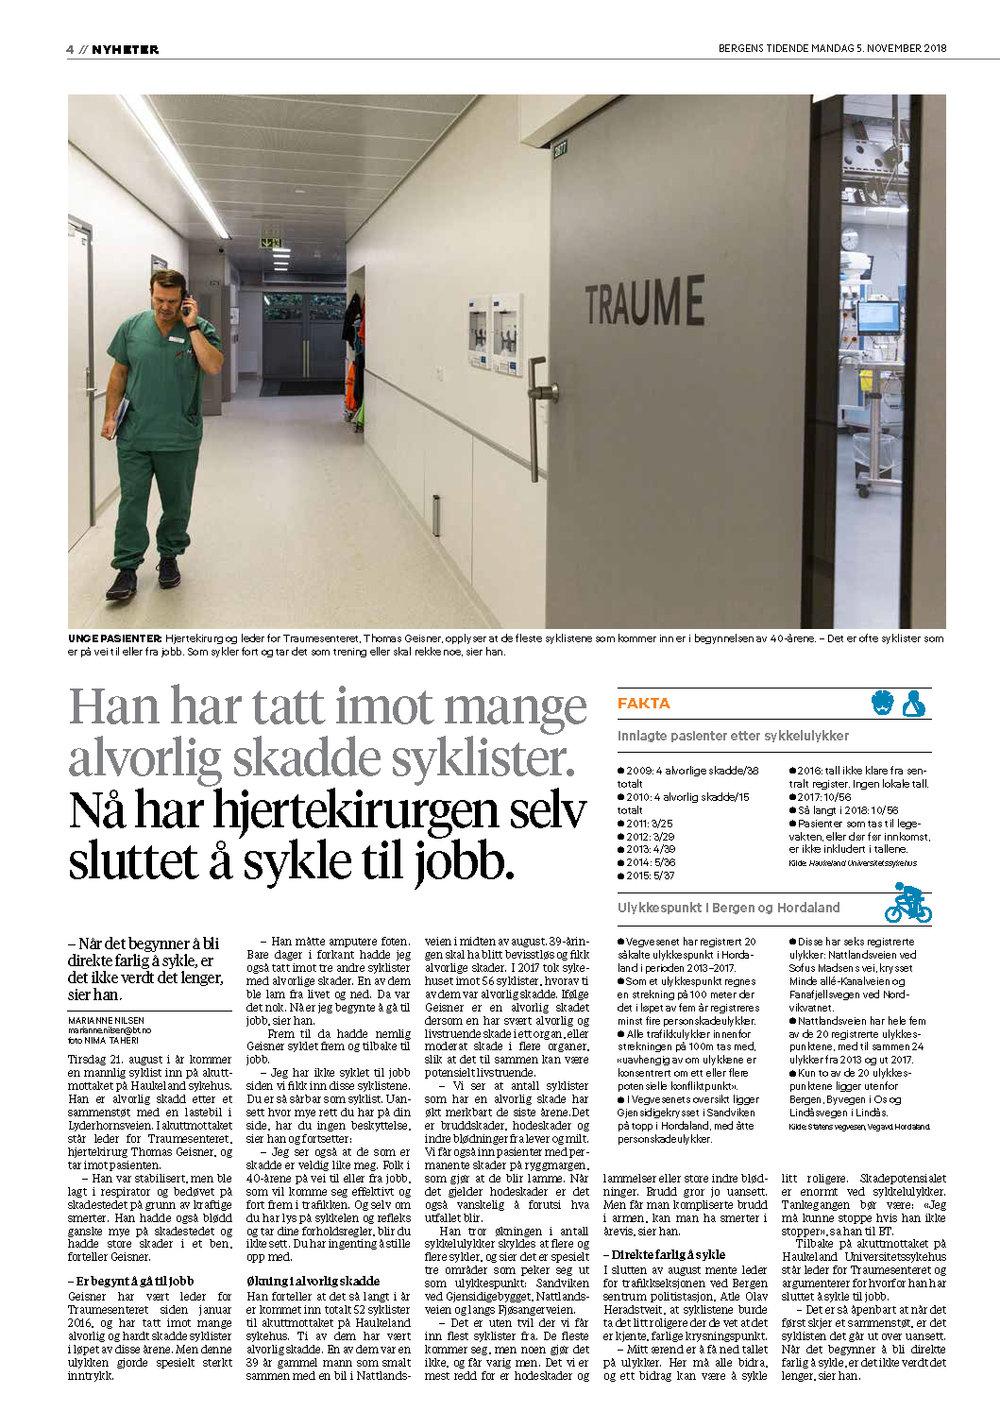 2018-11-05_Bergens_Tidende_2018-11-05_Page_04.jpg